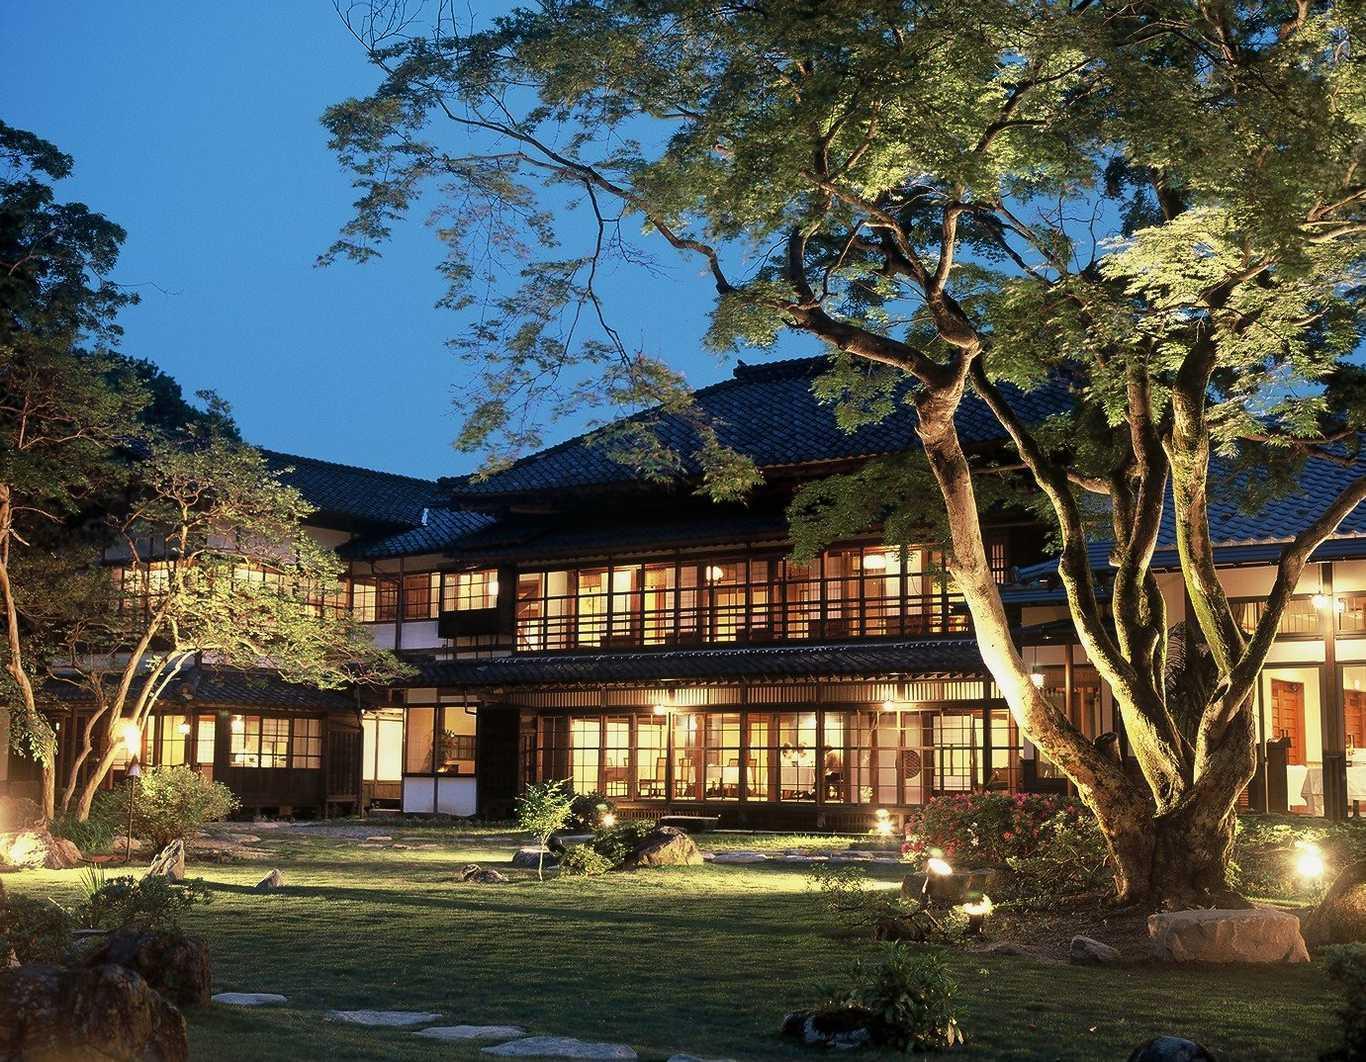 【和の美食好きおすすめ】温泉付グランピング・有形文化財の豪農の屋敷で楽しむ豪華和会席プラン 画像